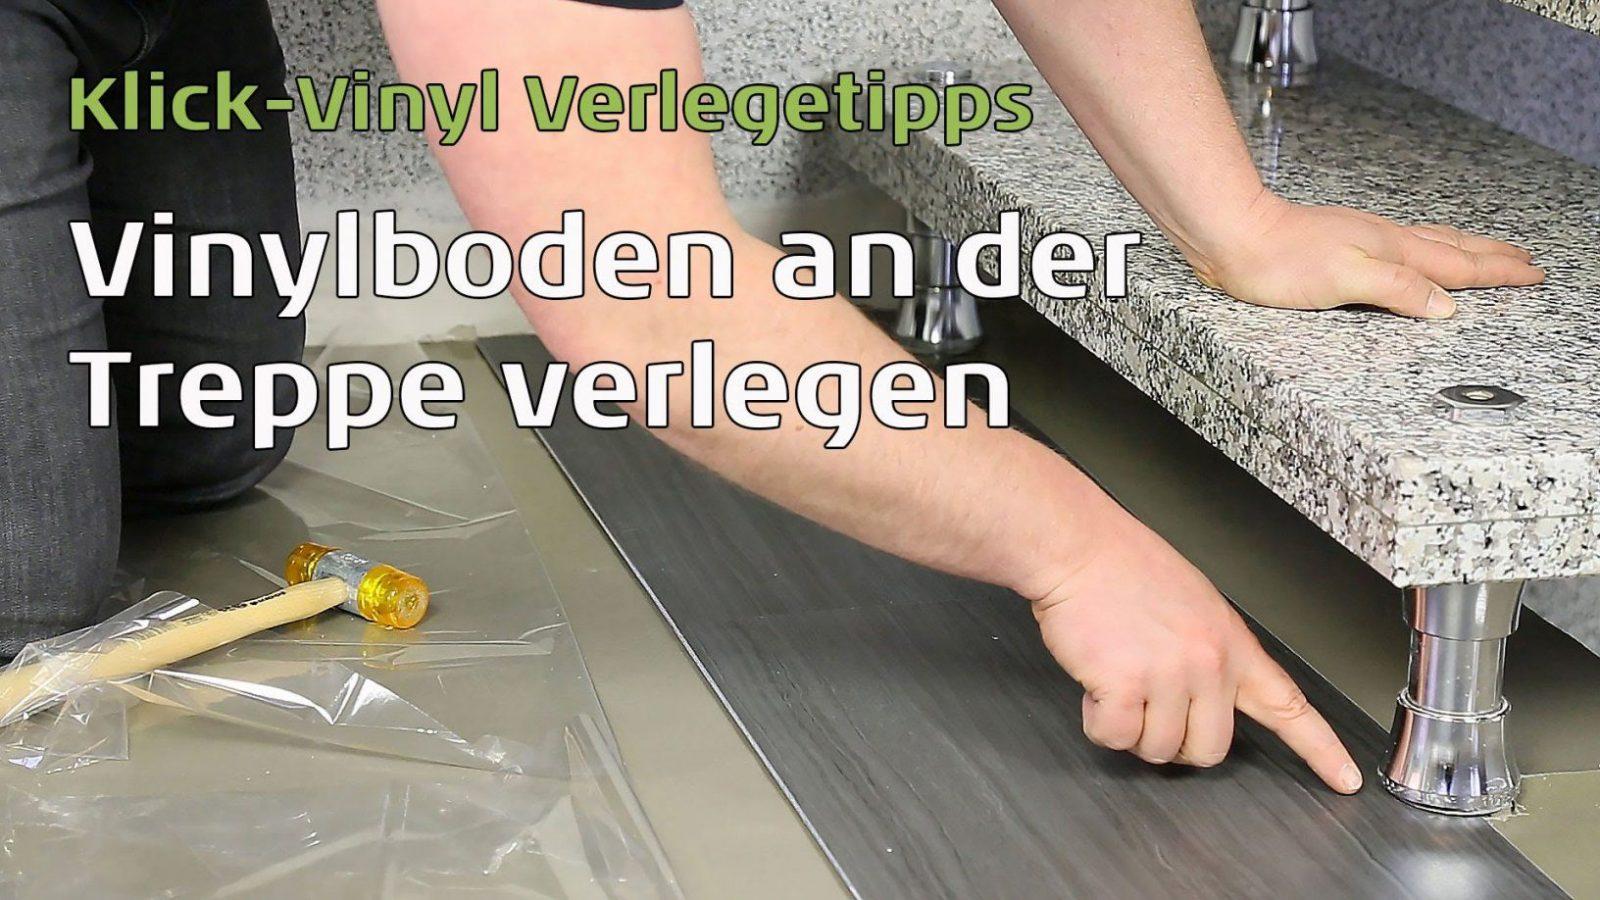 Vinylboden An Der Treppe Verlegen  Youtube von Vinyl Auf Treppe Verlegen Photo